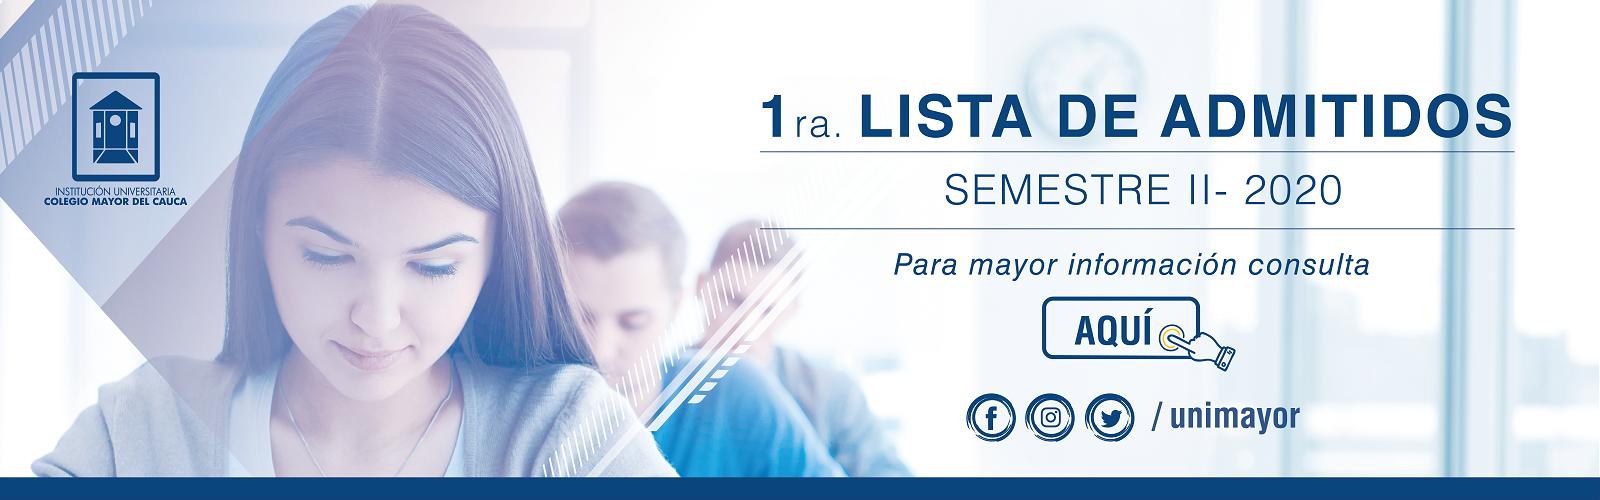 Primera_Lista_de_Admitidos_Mesa_de_trabajo_1